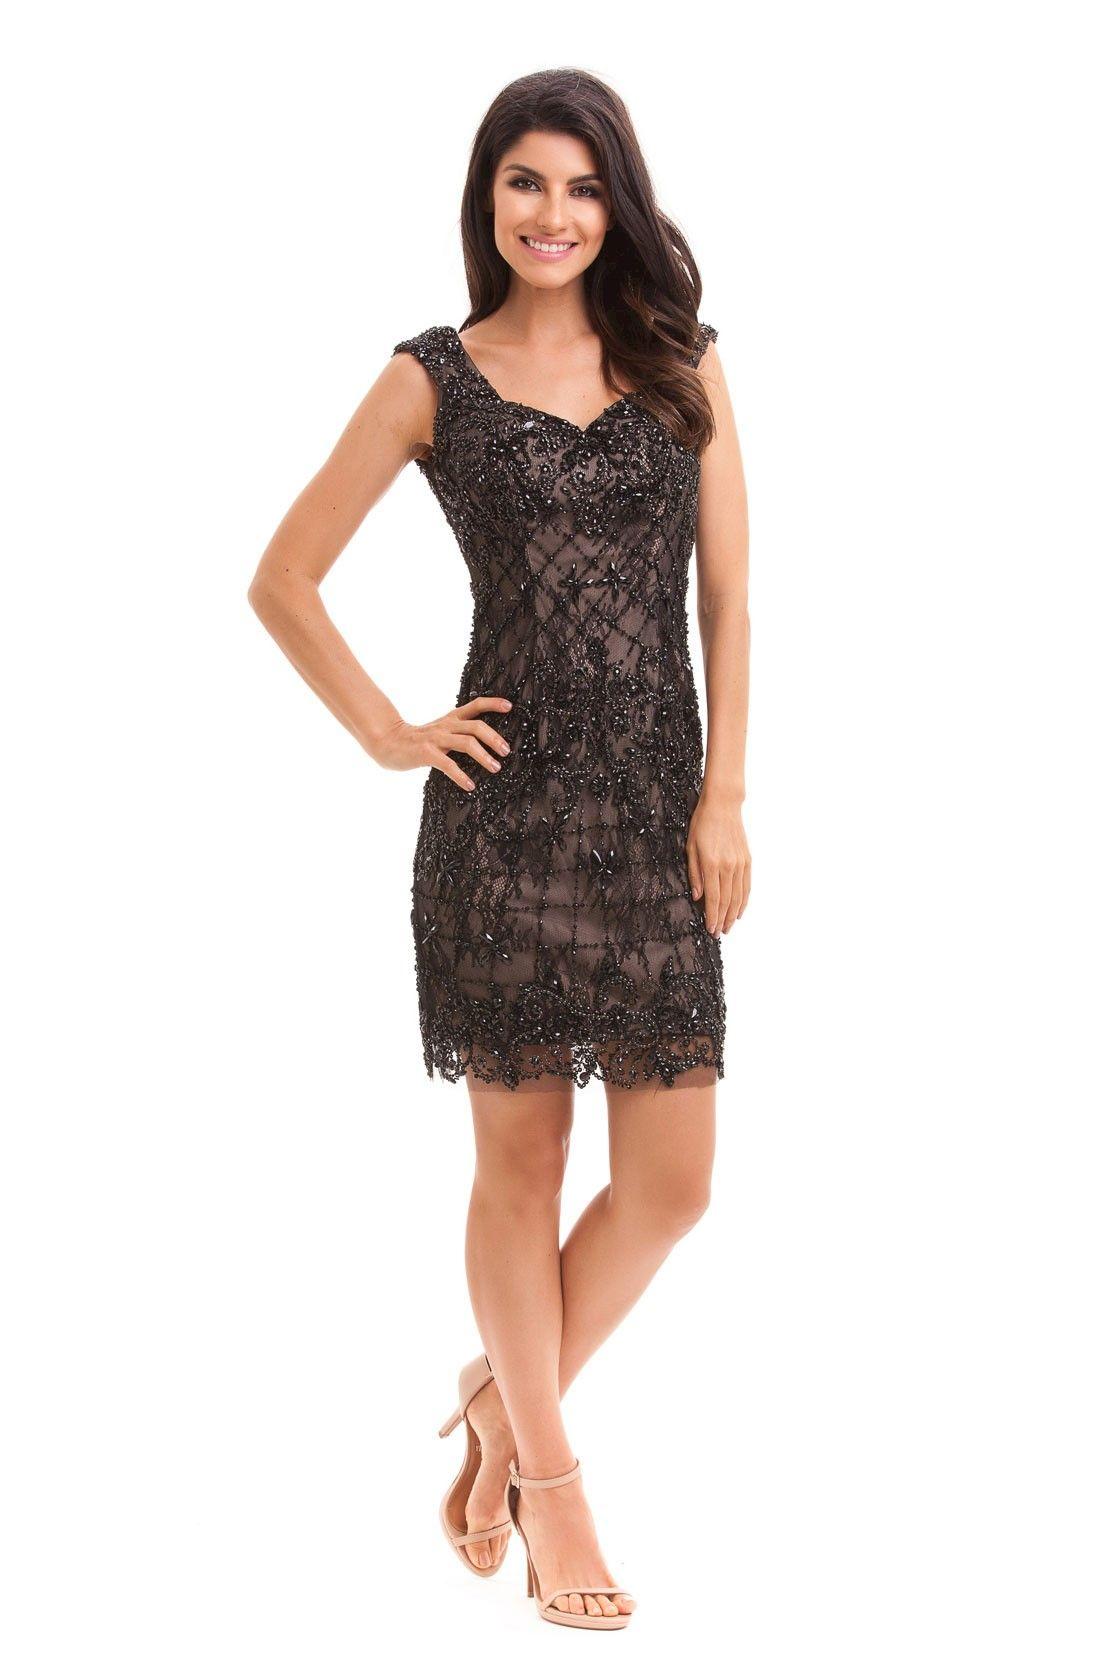 d92f95734 Vestido curto de tule bordado com pedrarias, visual glamuroso e moderno que  pode ser usado